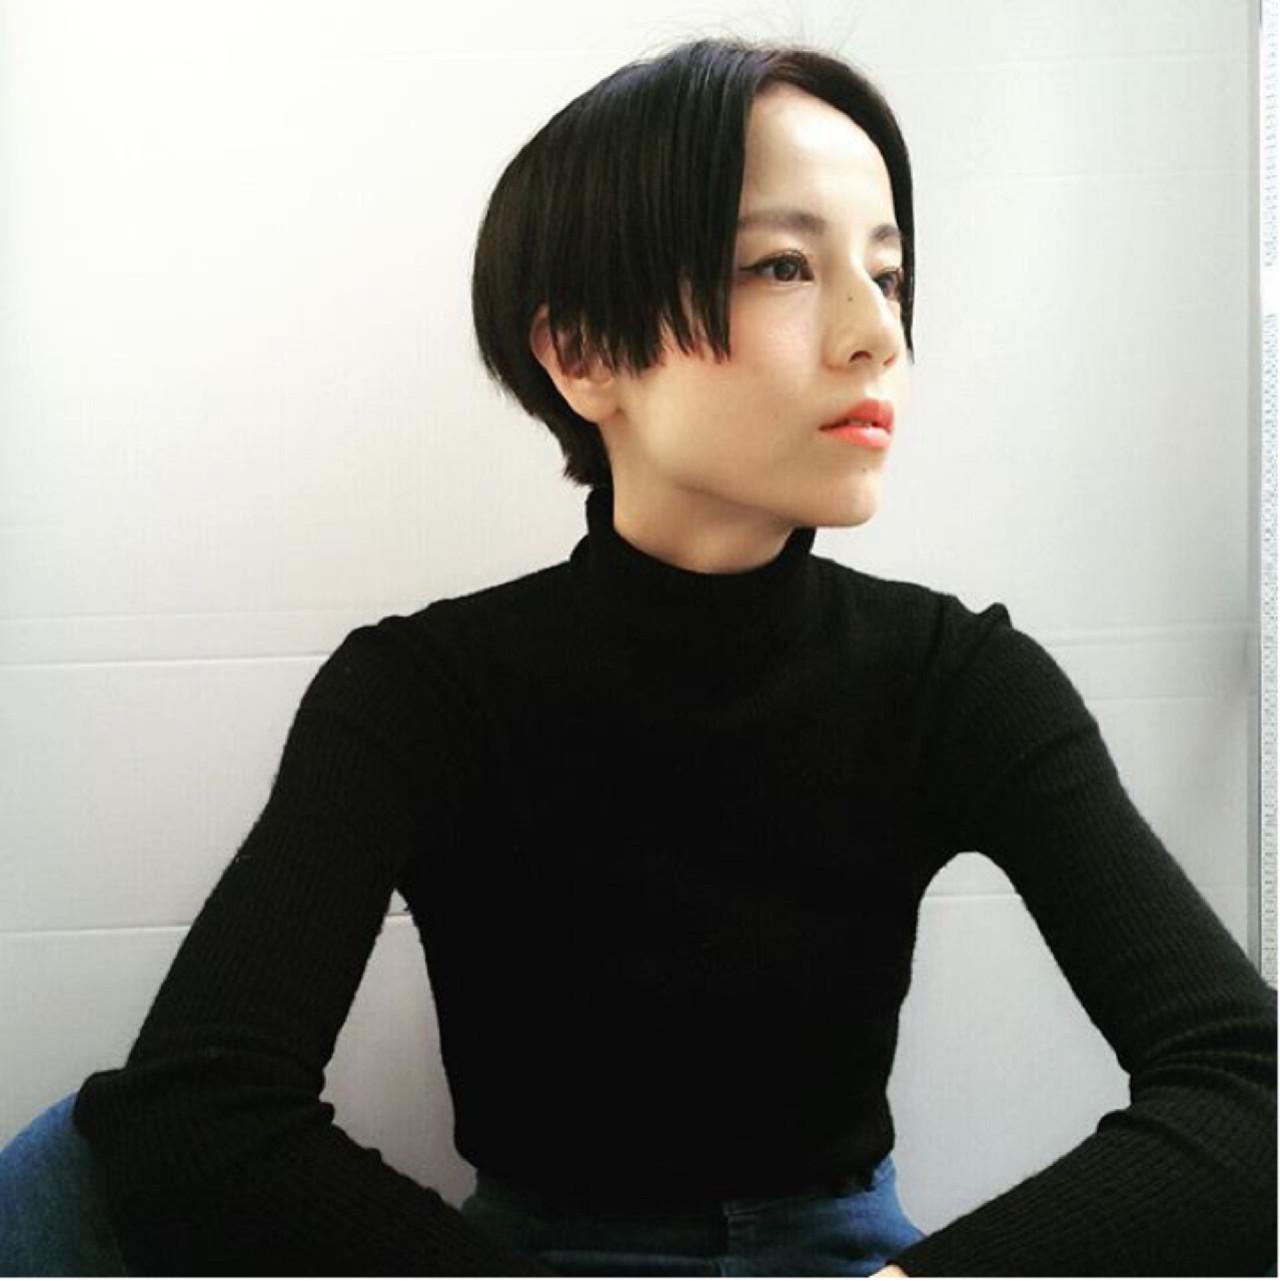 ナチュラル 暗髪 ウェットヘア センターパート ヘアスタイルや髪型の写真・画像